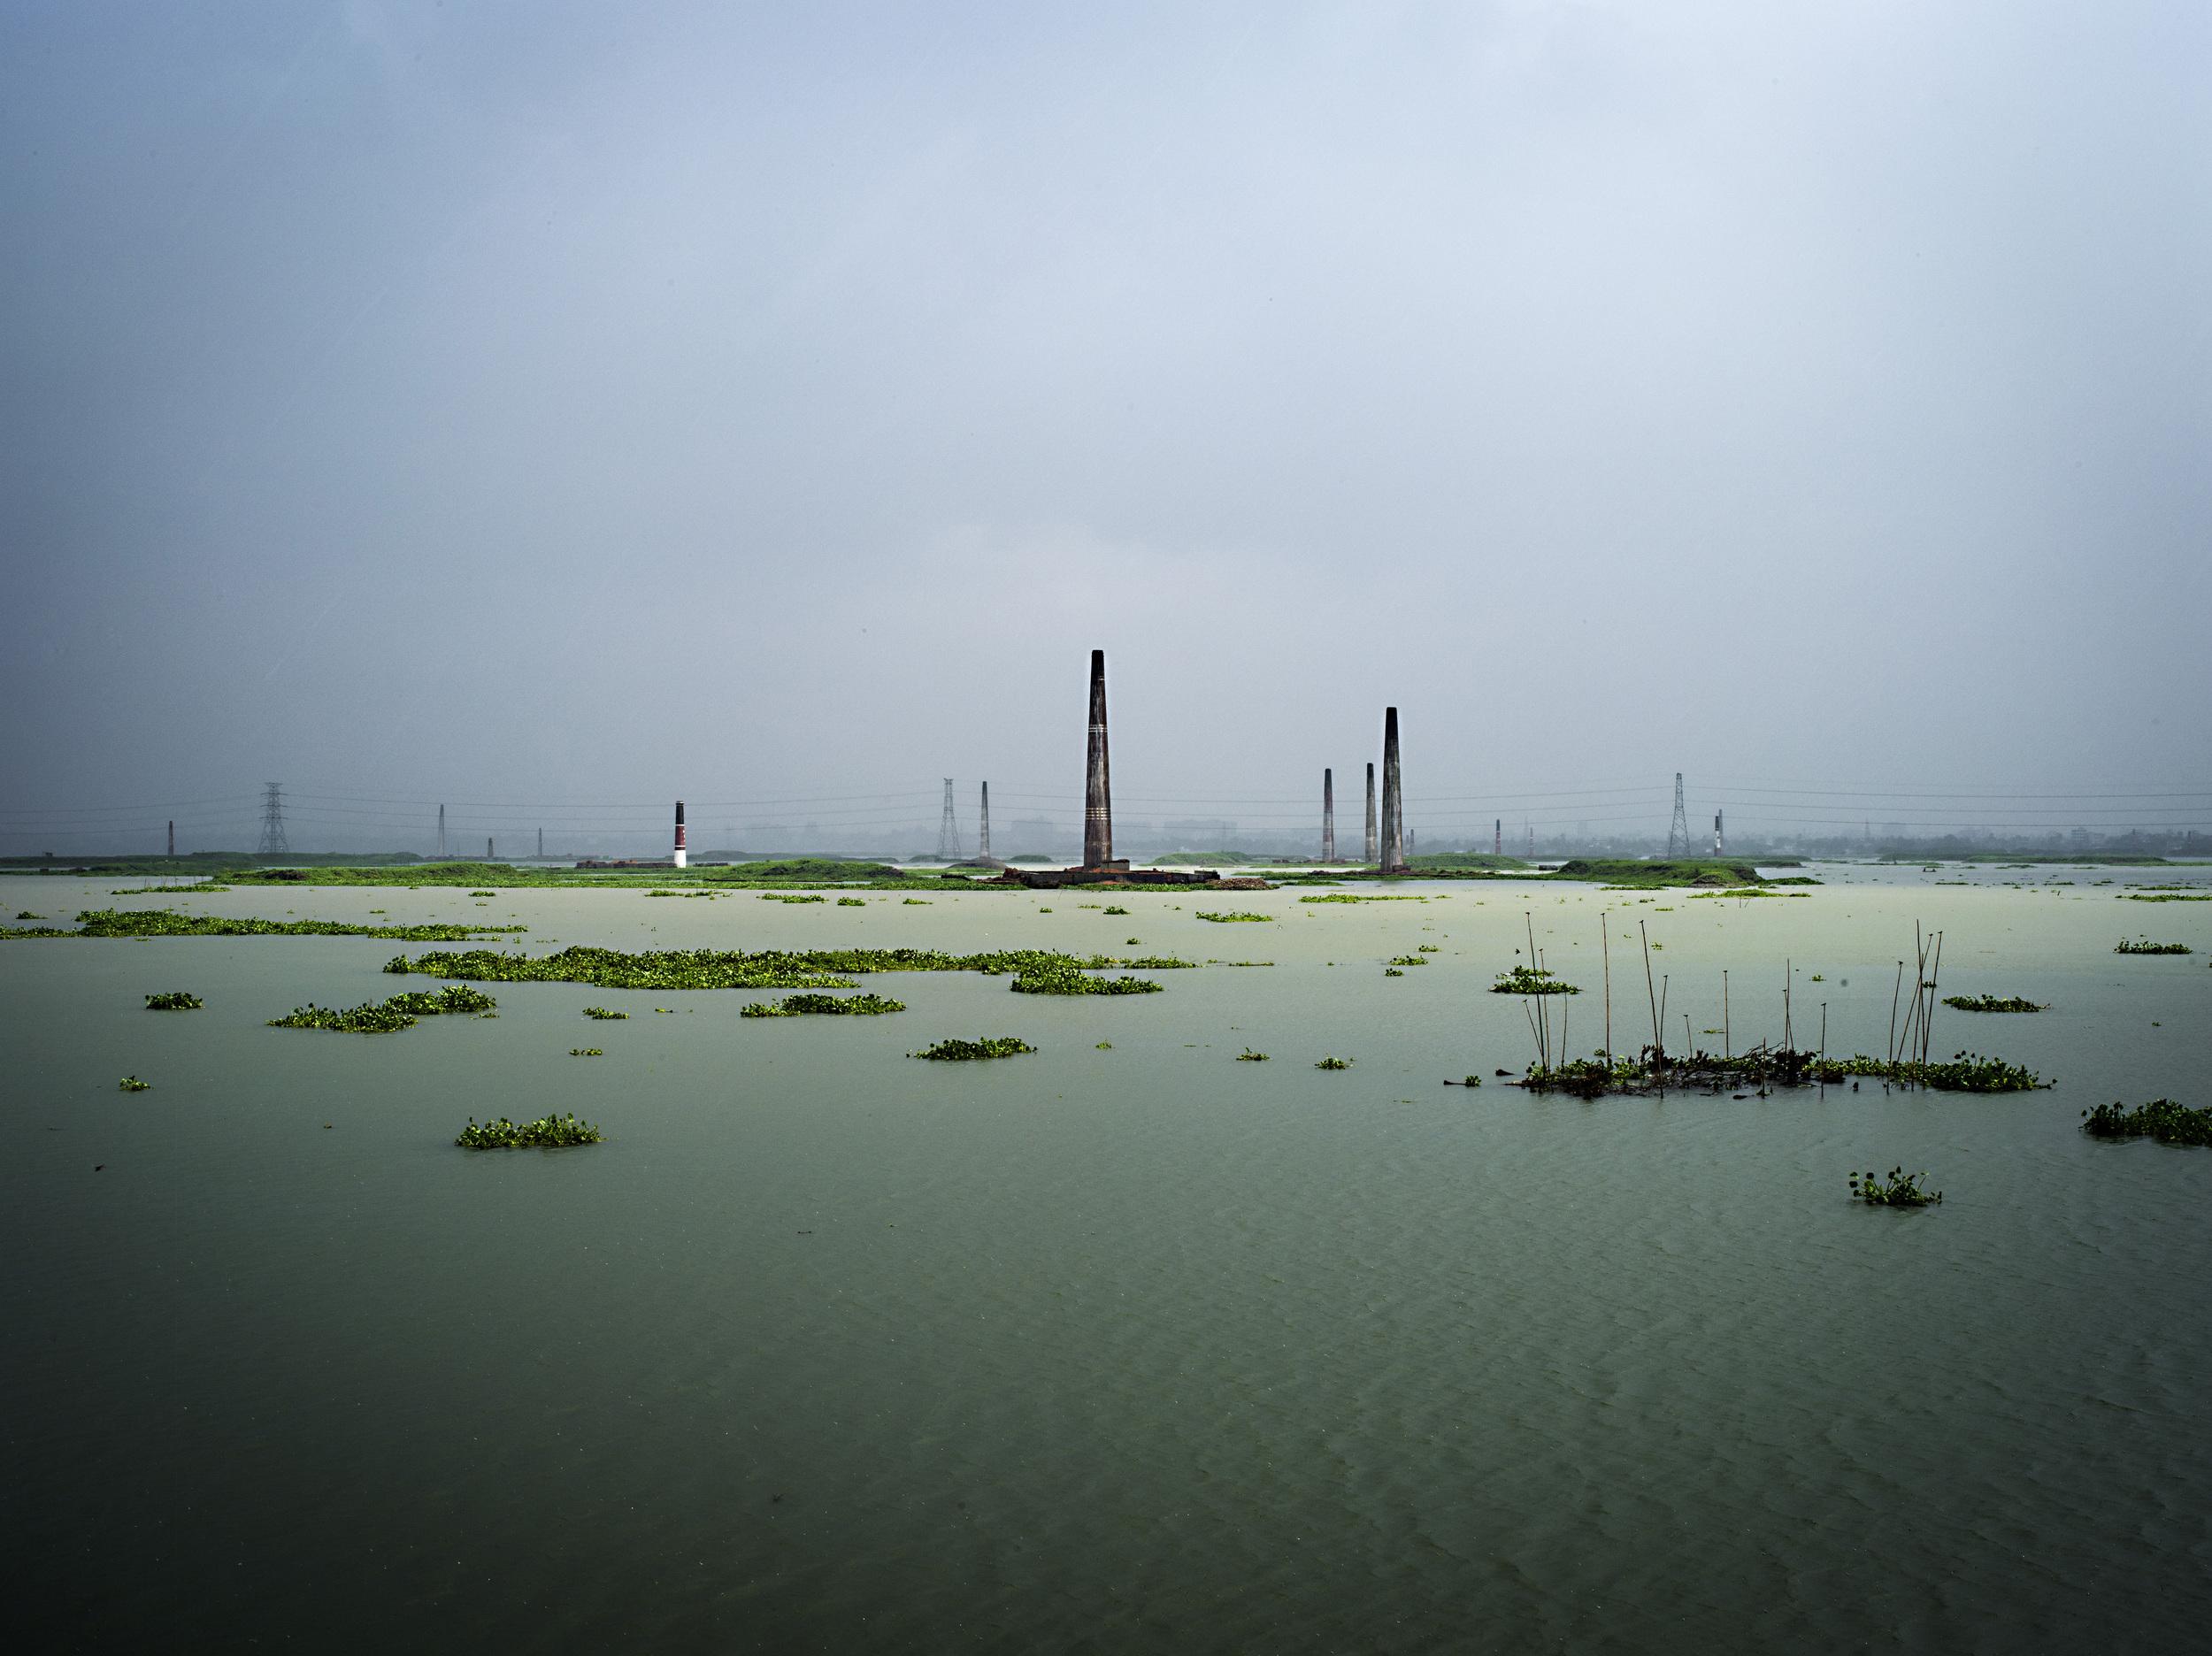 Bricks kilns byAminbazar Sanitary Landfill, Dhaka.